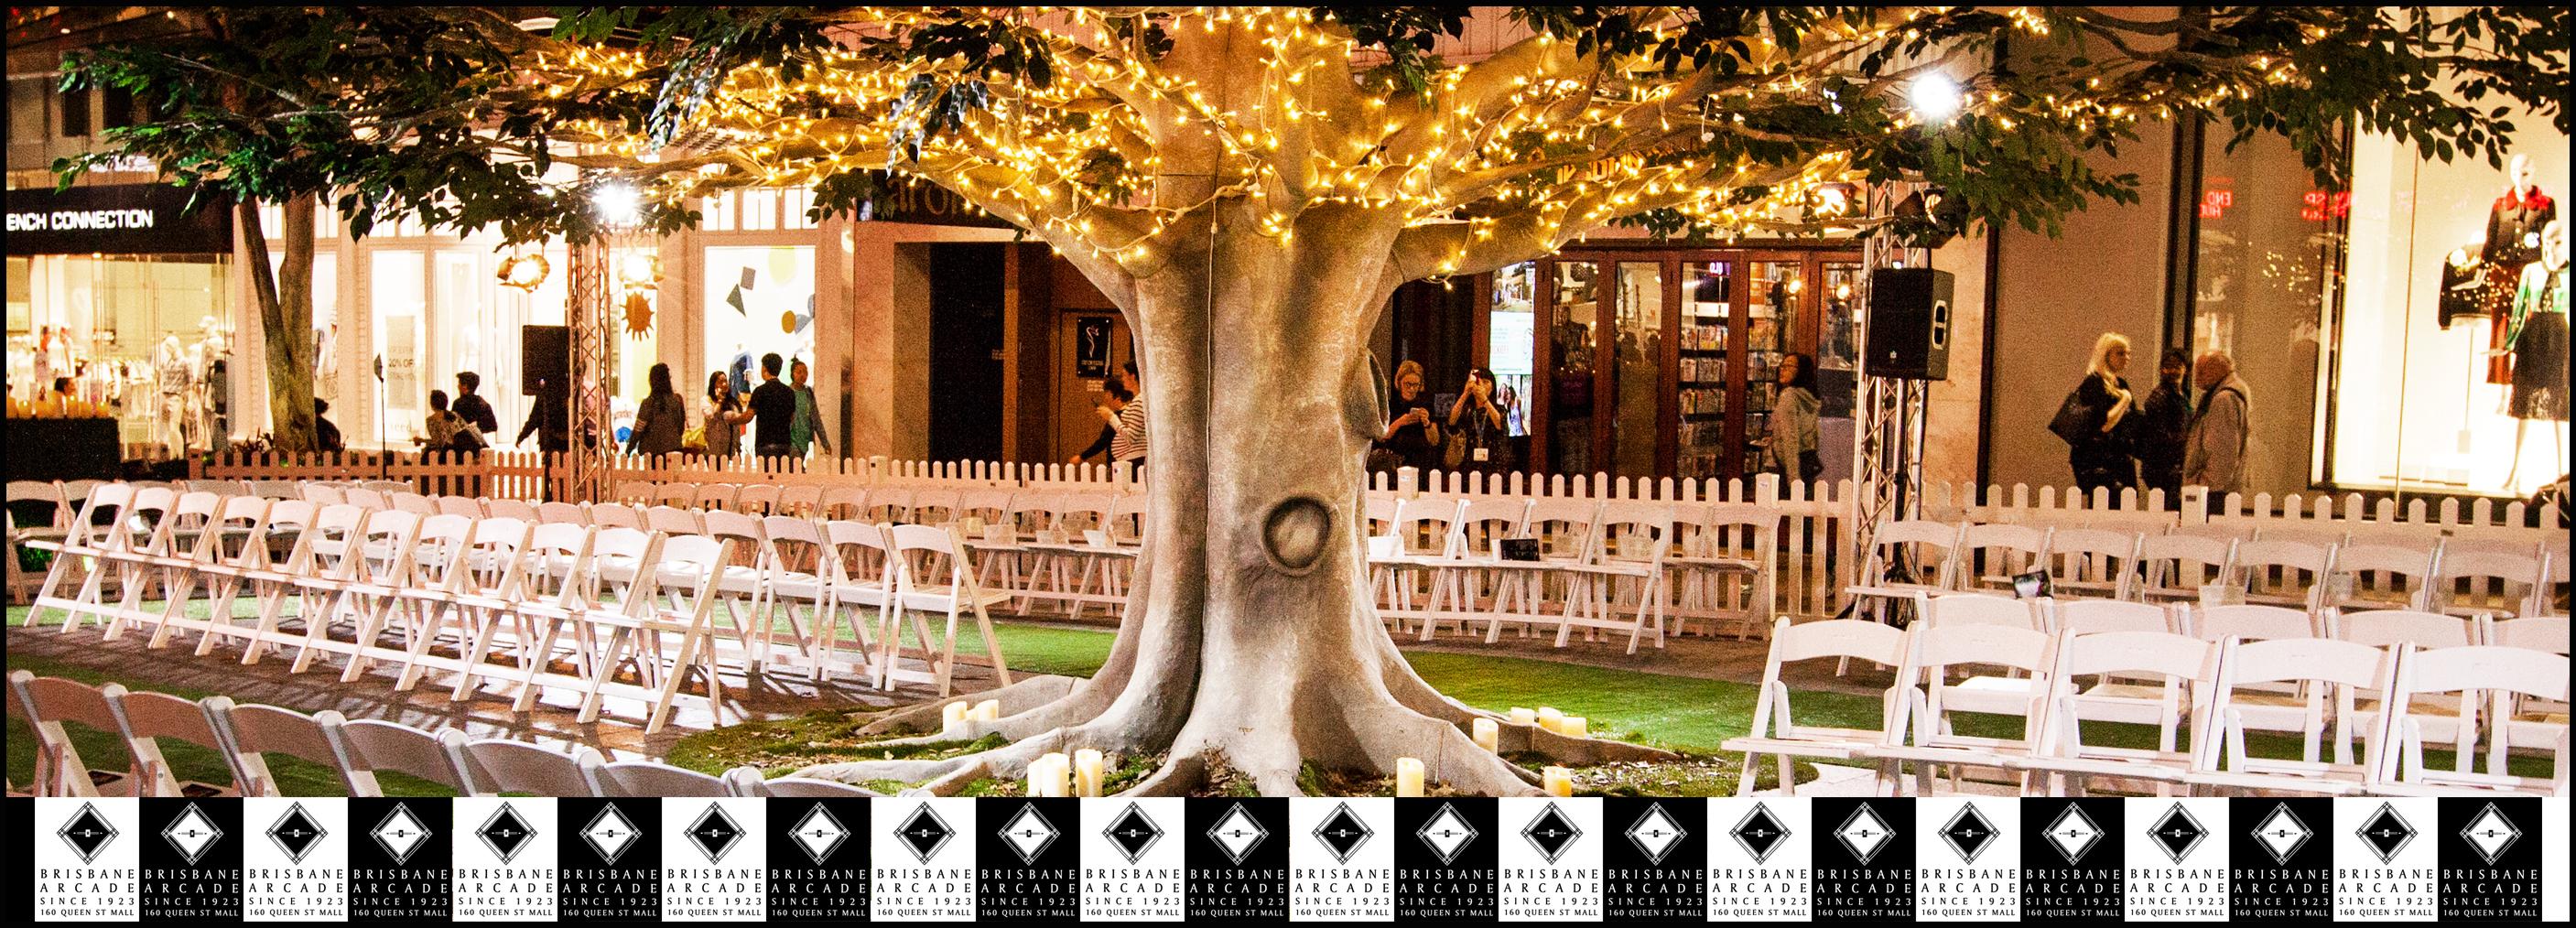 Brisbane_Event_Photography-Brisbane_Arcade